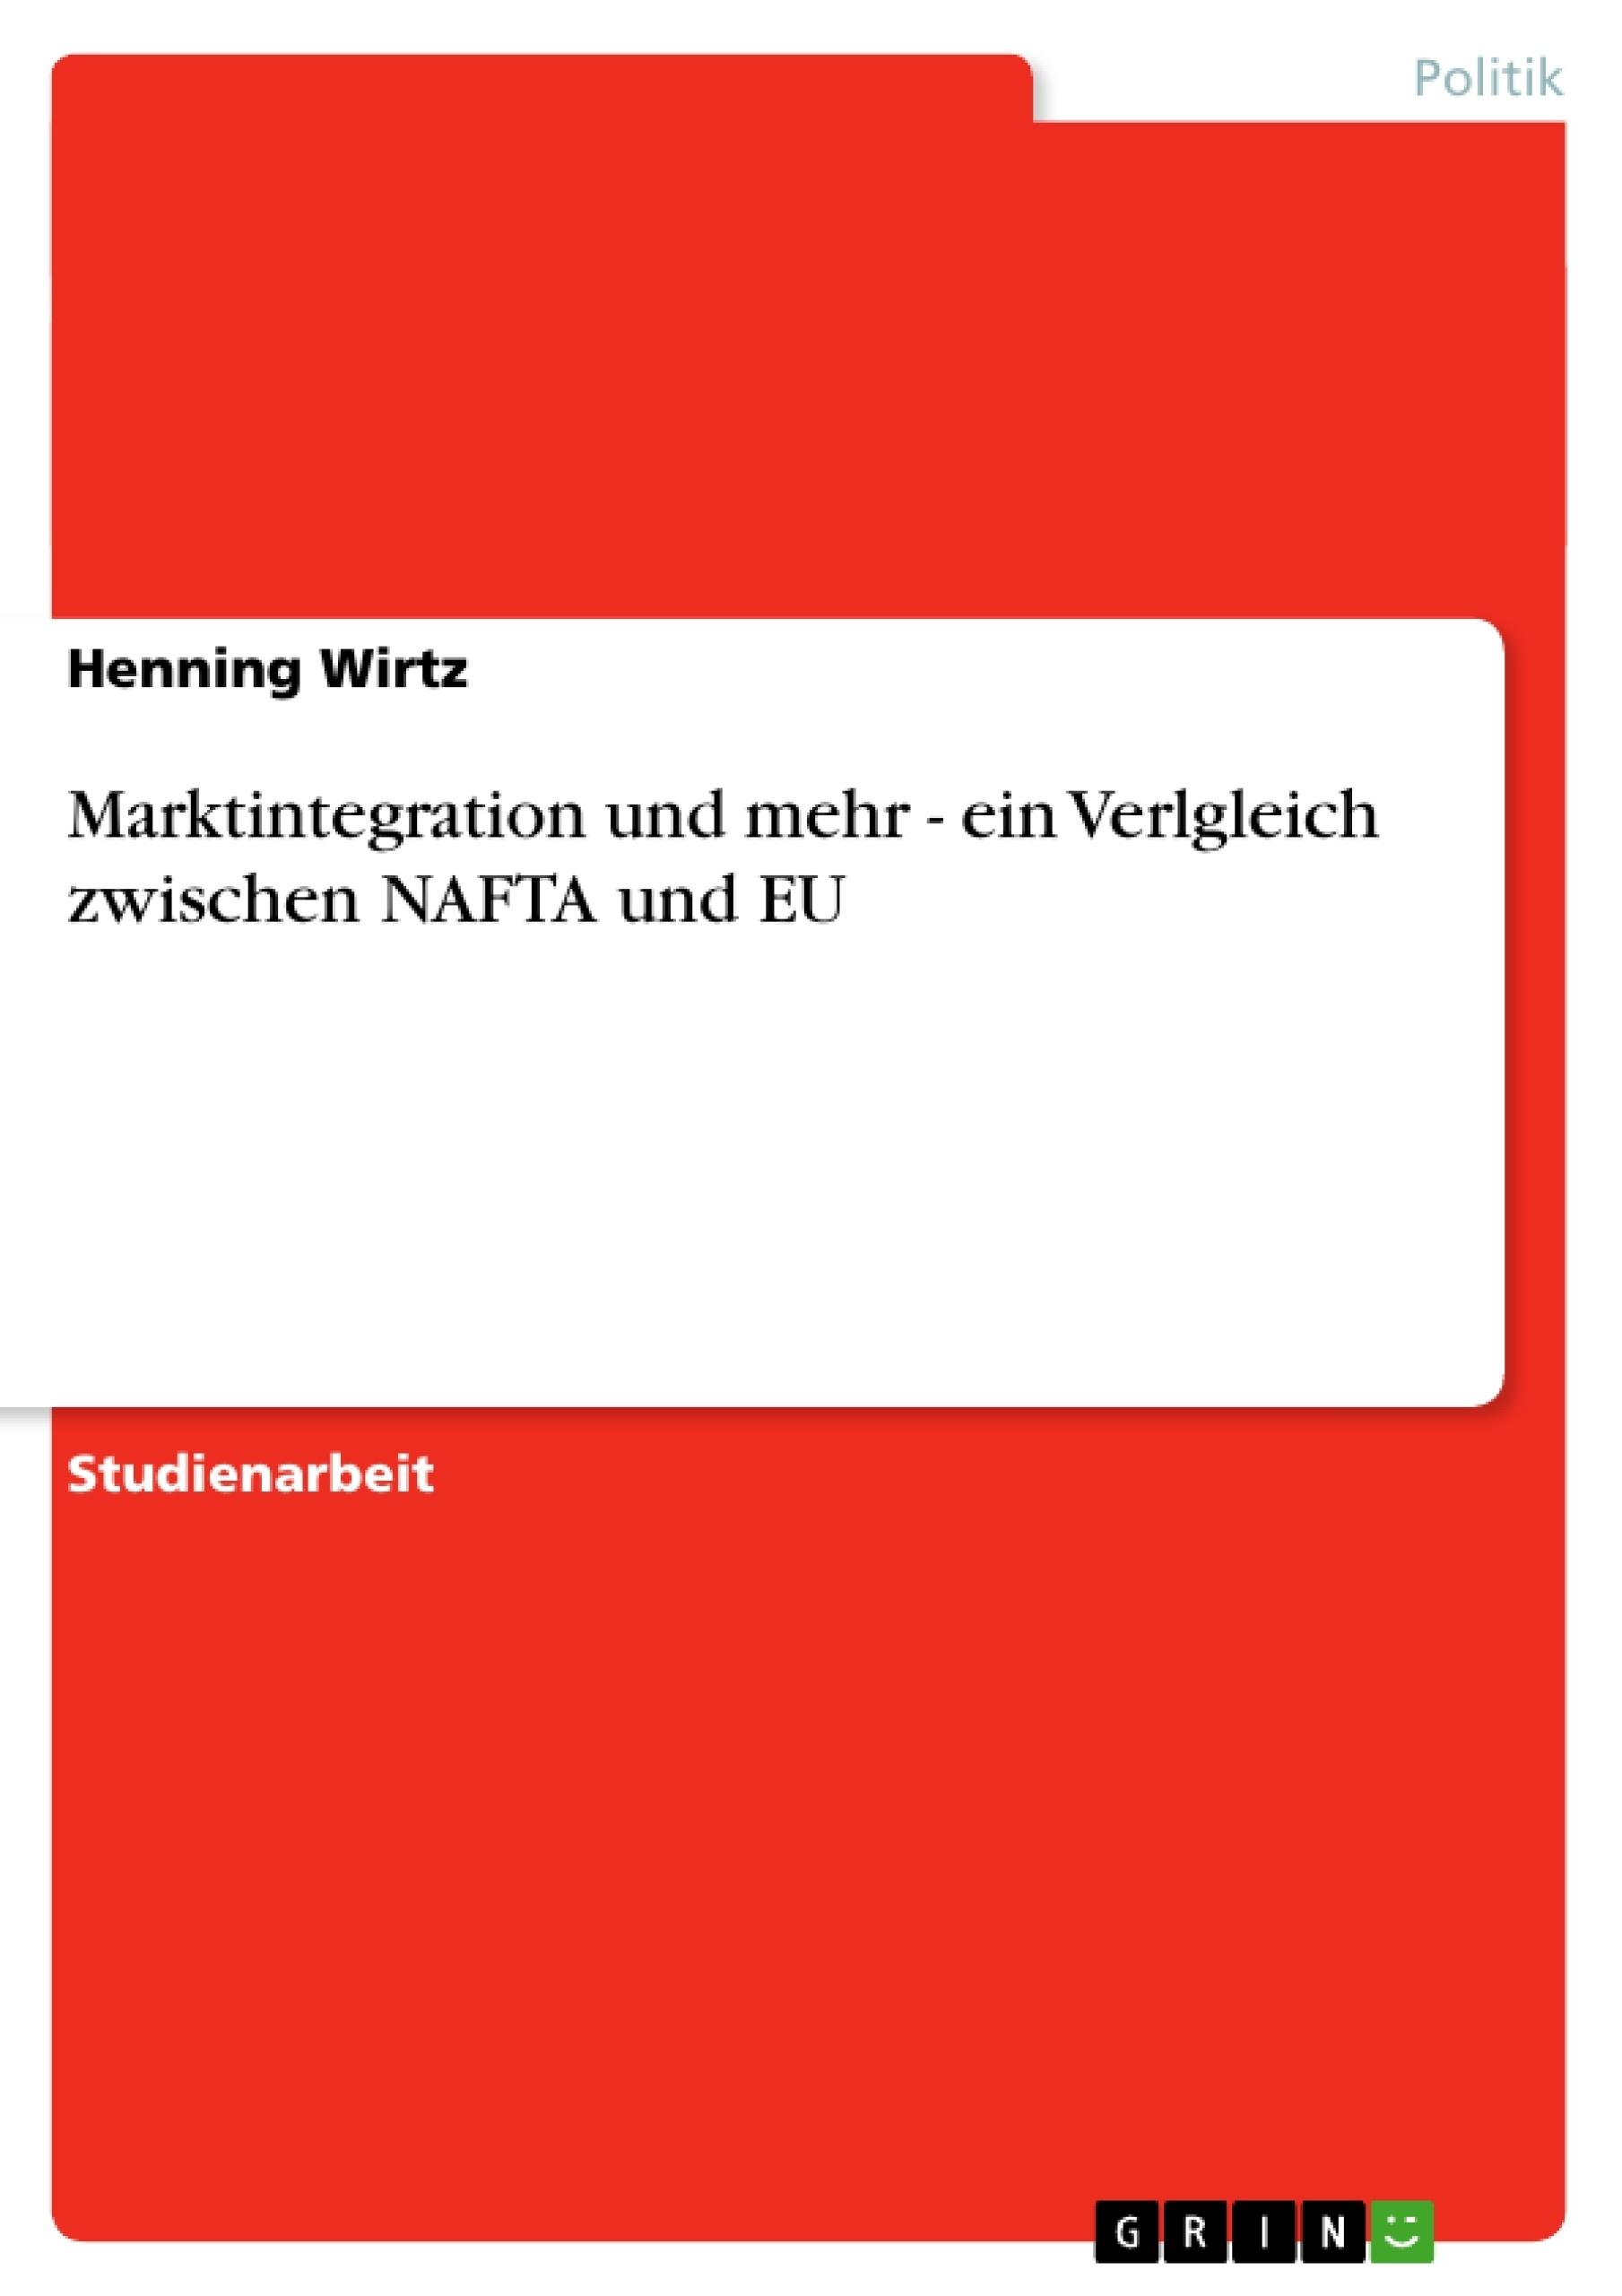 Titel: Marktintegration und mehr - ein Verlgleich zwischen NAFTA und EU